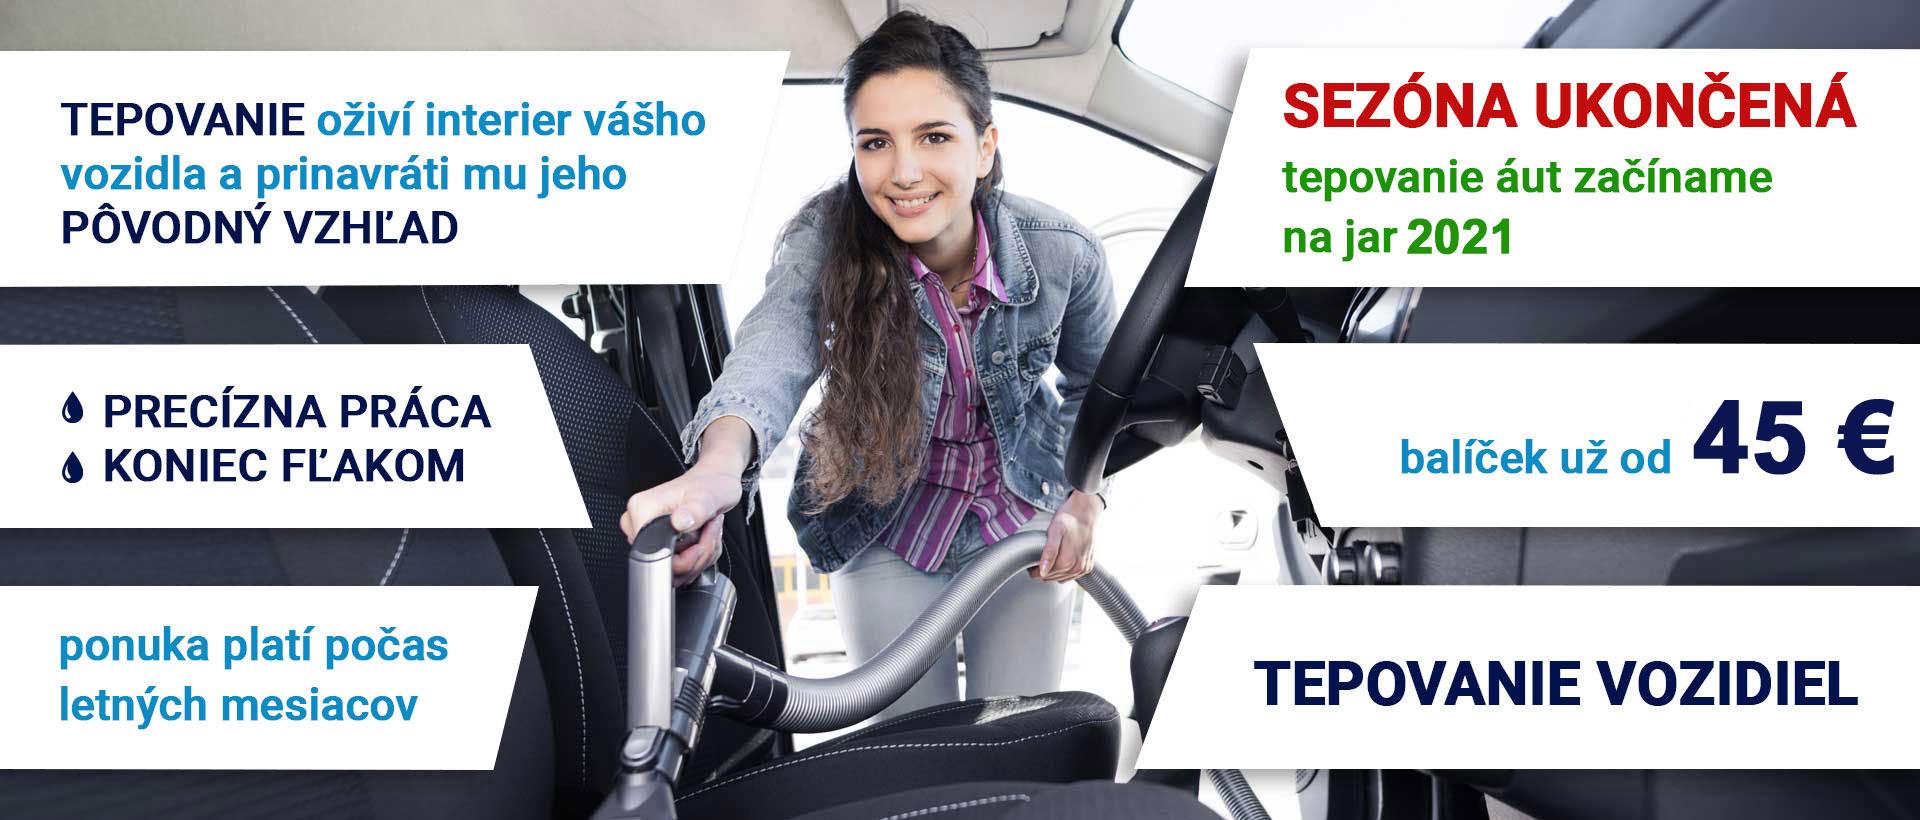 tepovanie áut